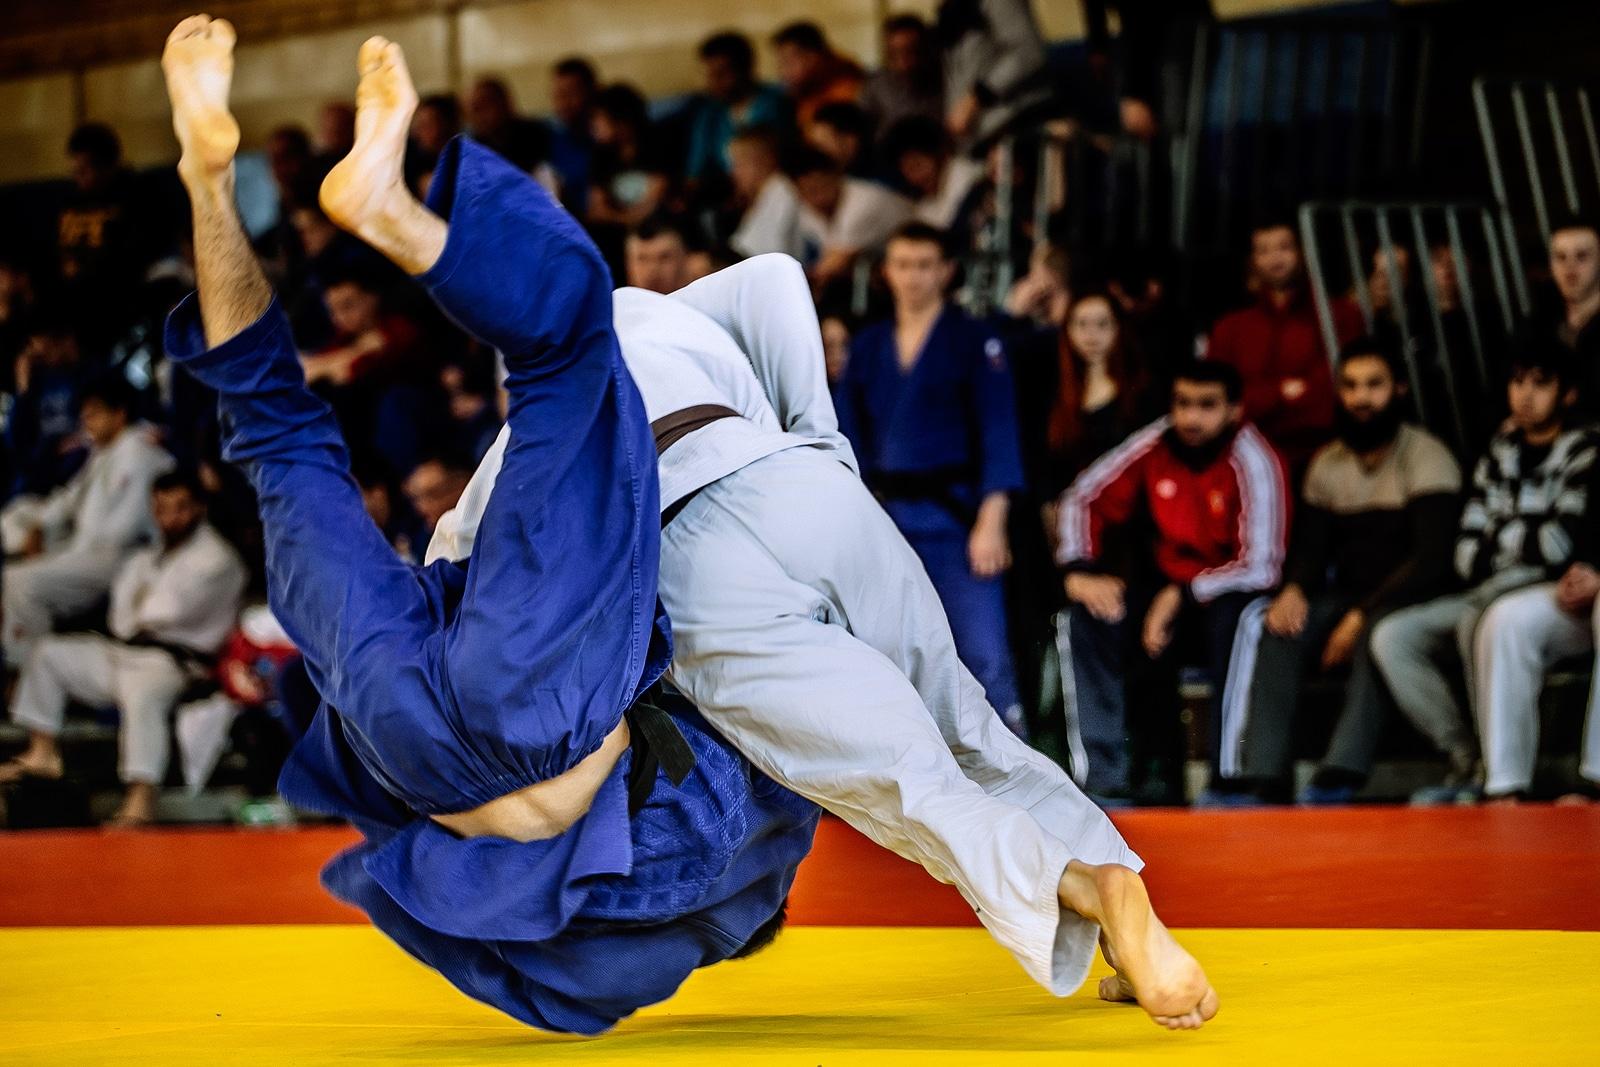 judoca egipcio no le da la mano a su oponente